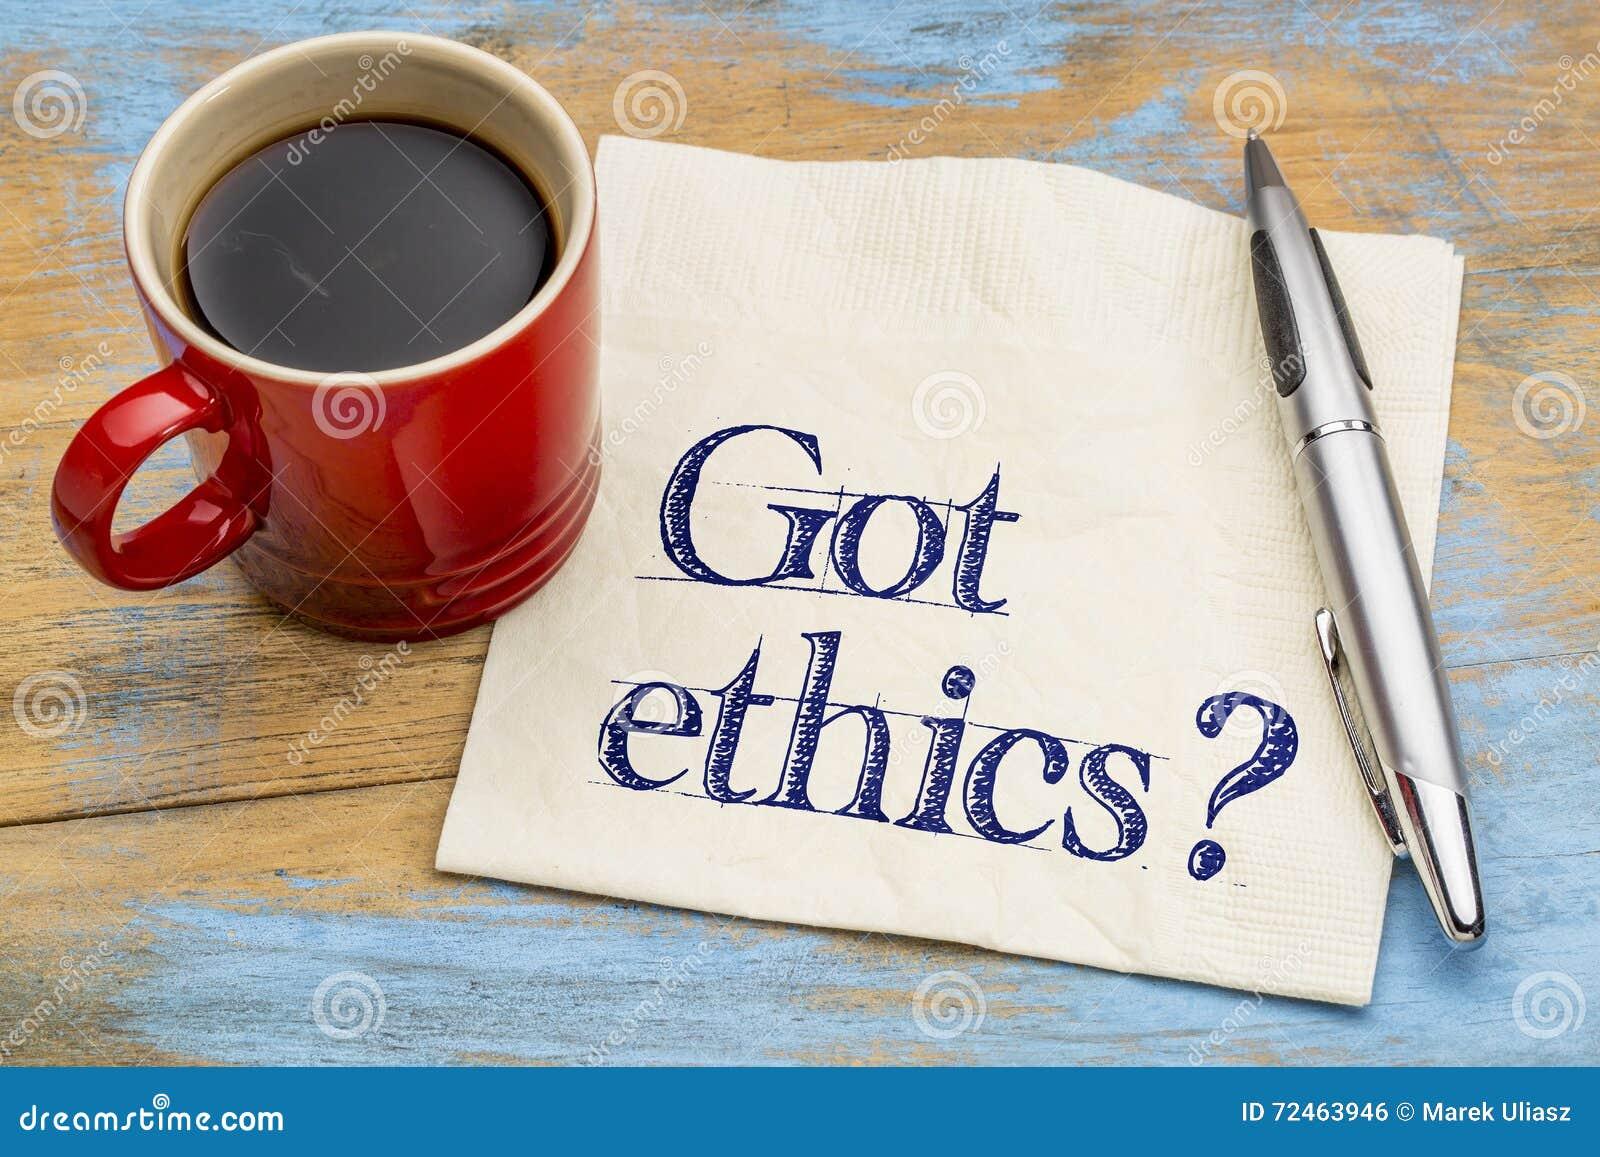 ¿Los éticas conseguidos? Pregunta sobre una servilleta